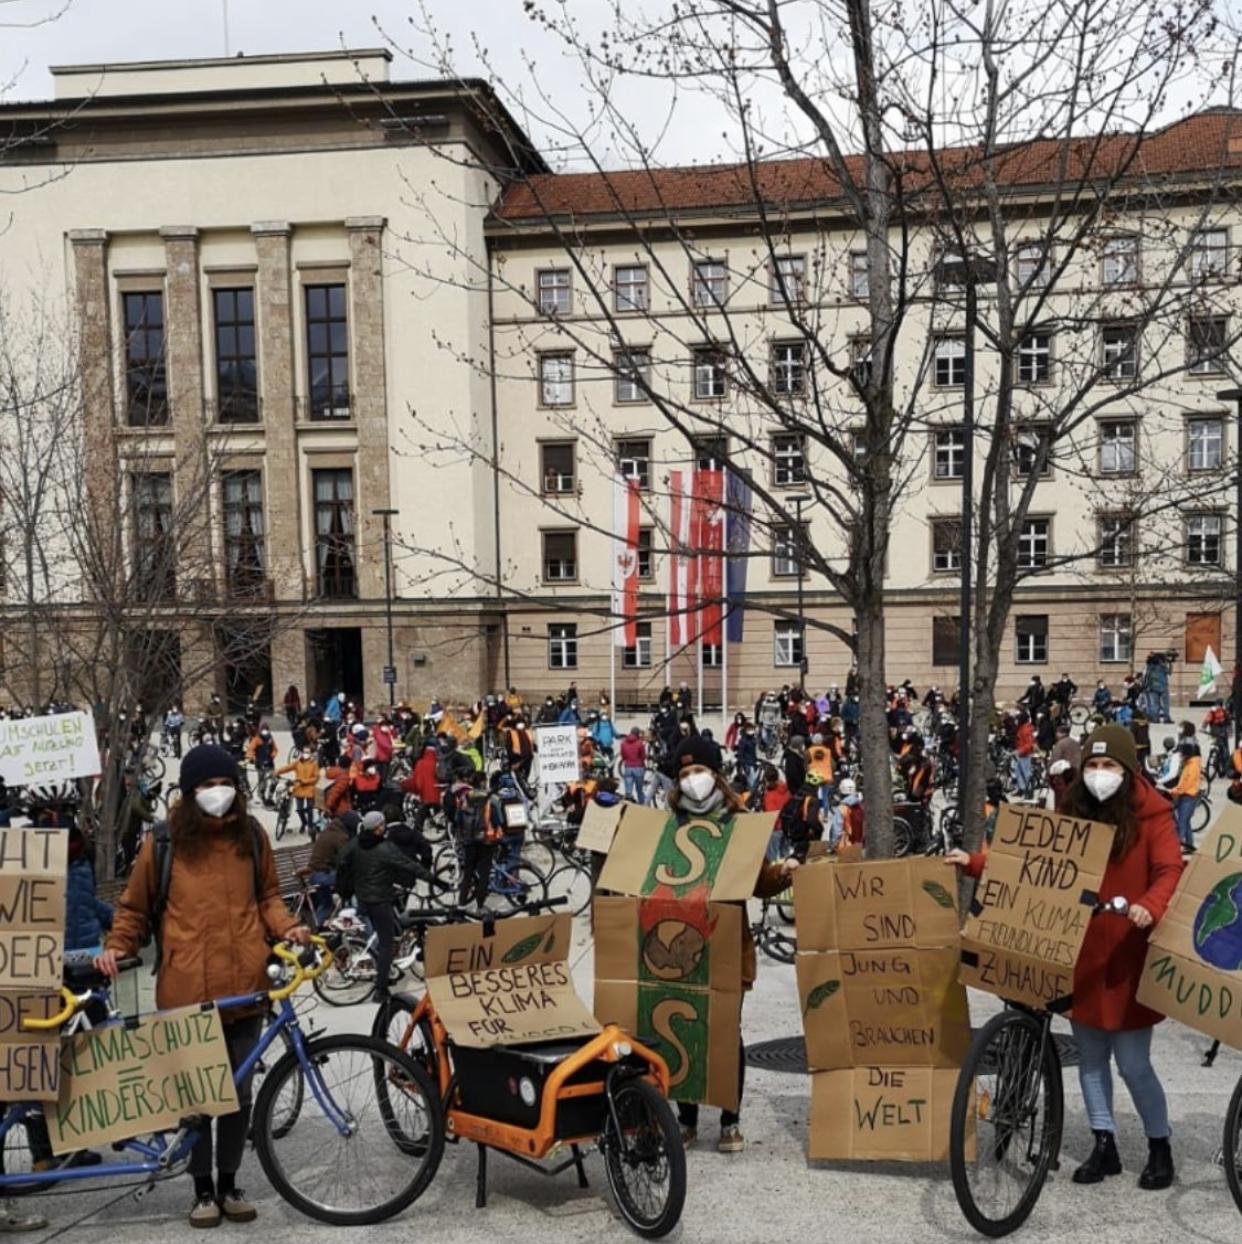 Menschen mit Lastenrad und Streikschildern stehen im Vordergrund vor einer Klima-Demonstration in Innsbruck